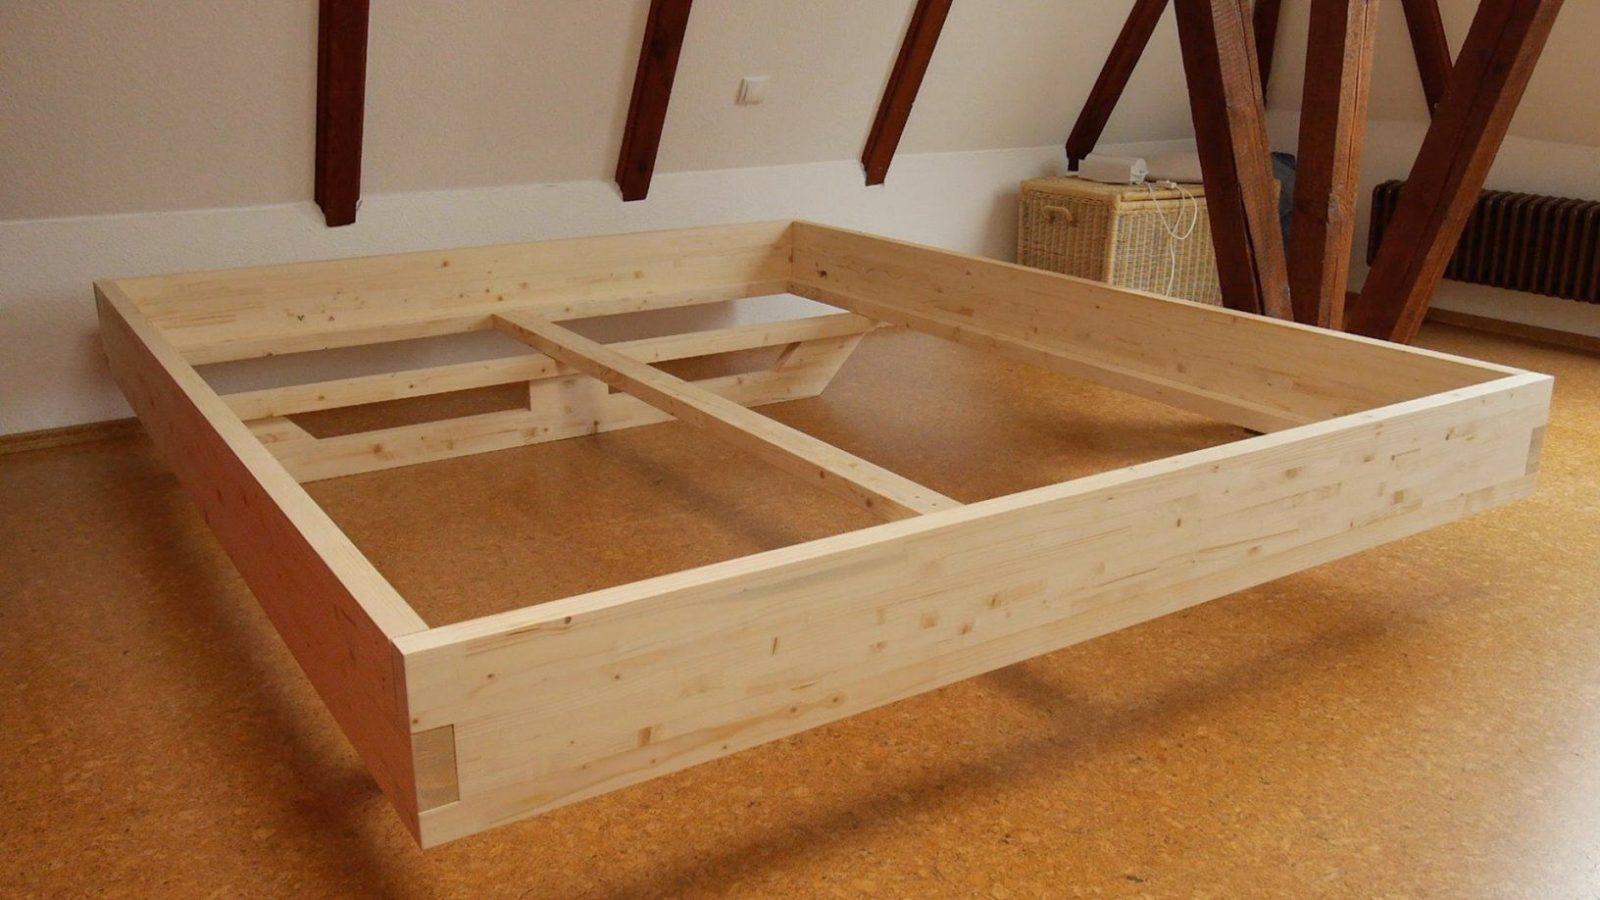 Diy Massivholzbett Selber Bauen  Youtube von Bett Selber Bauen Balken Photo